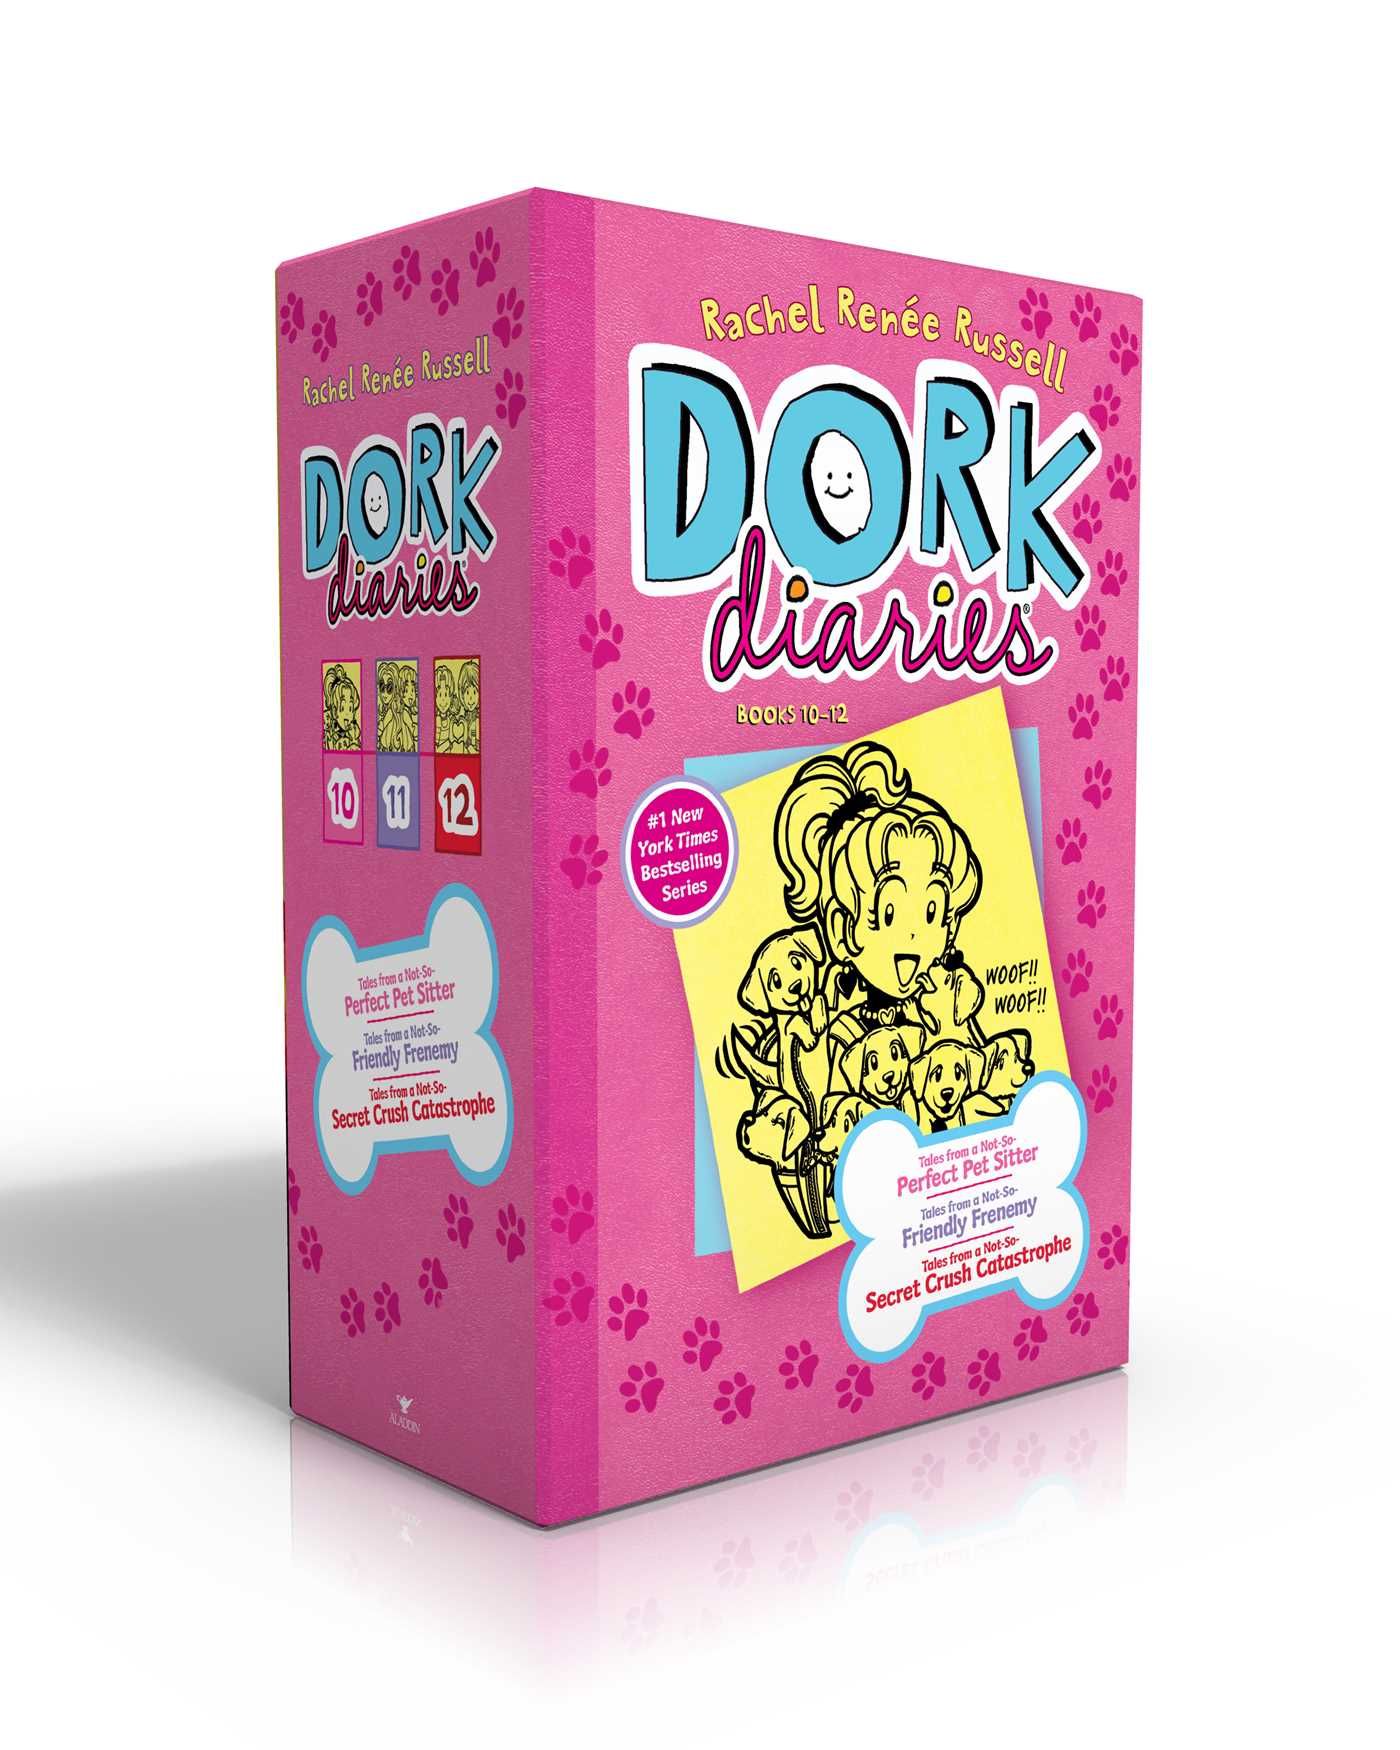 Dork diaries books 10 12 9781534424586 hr